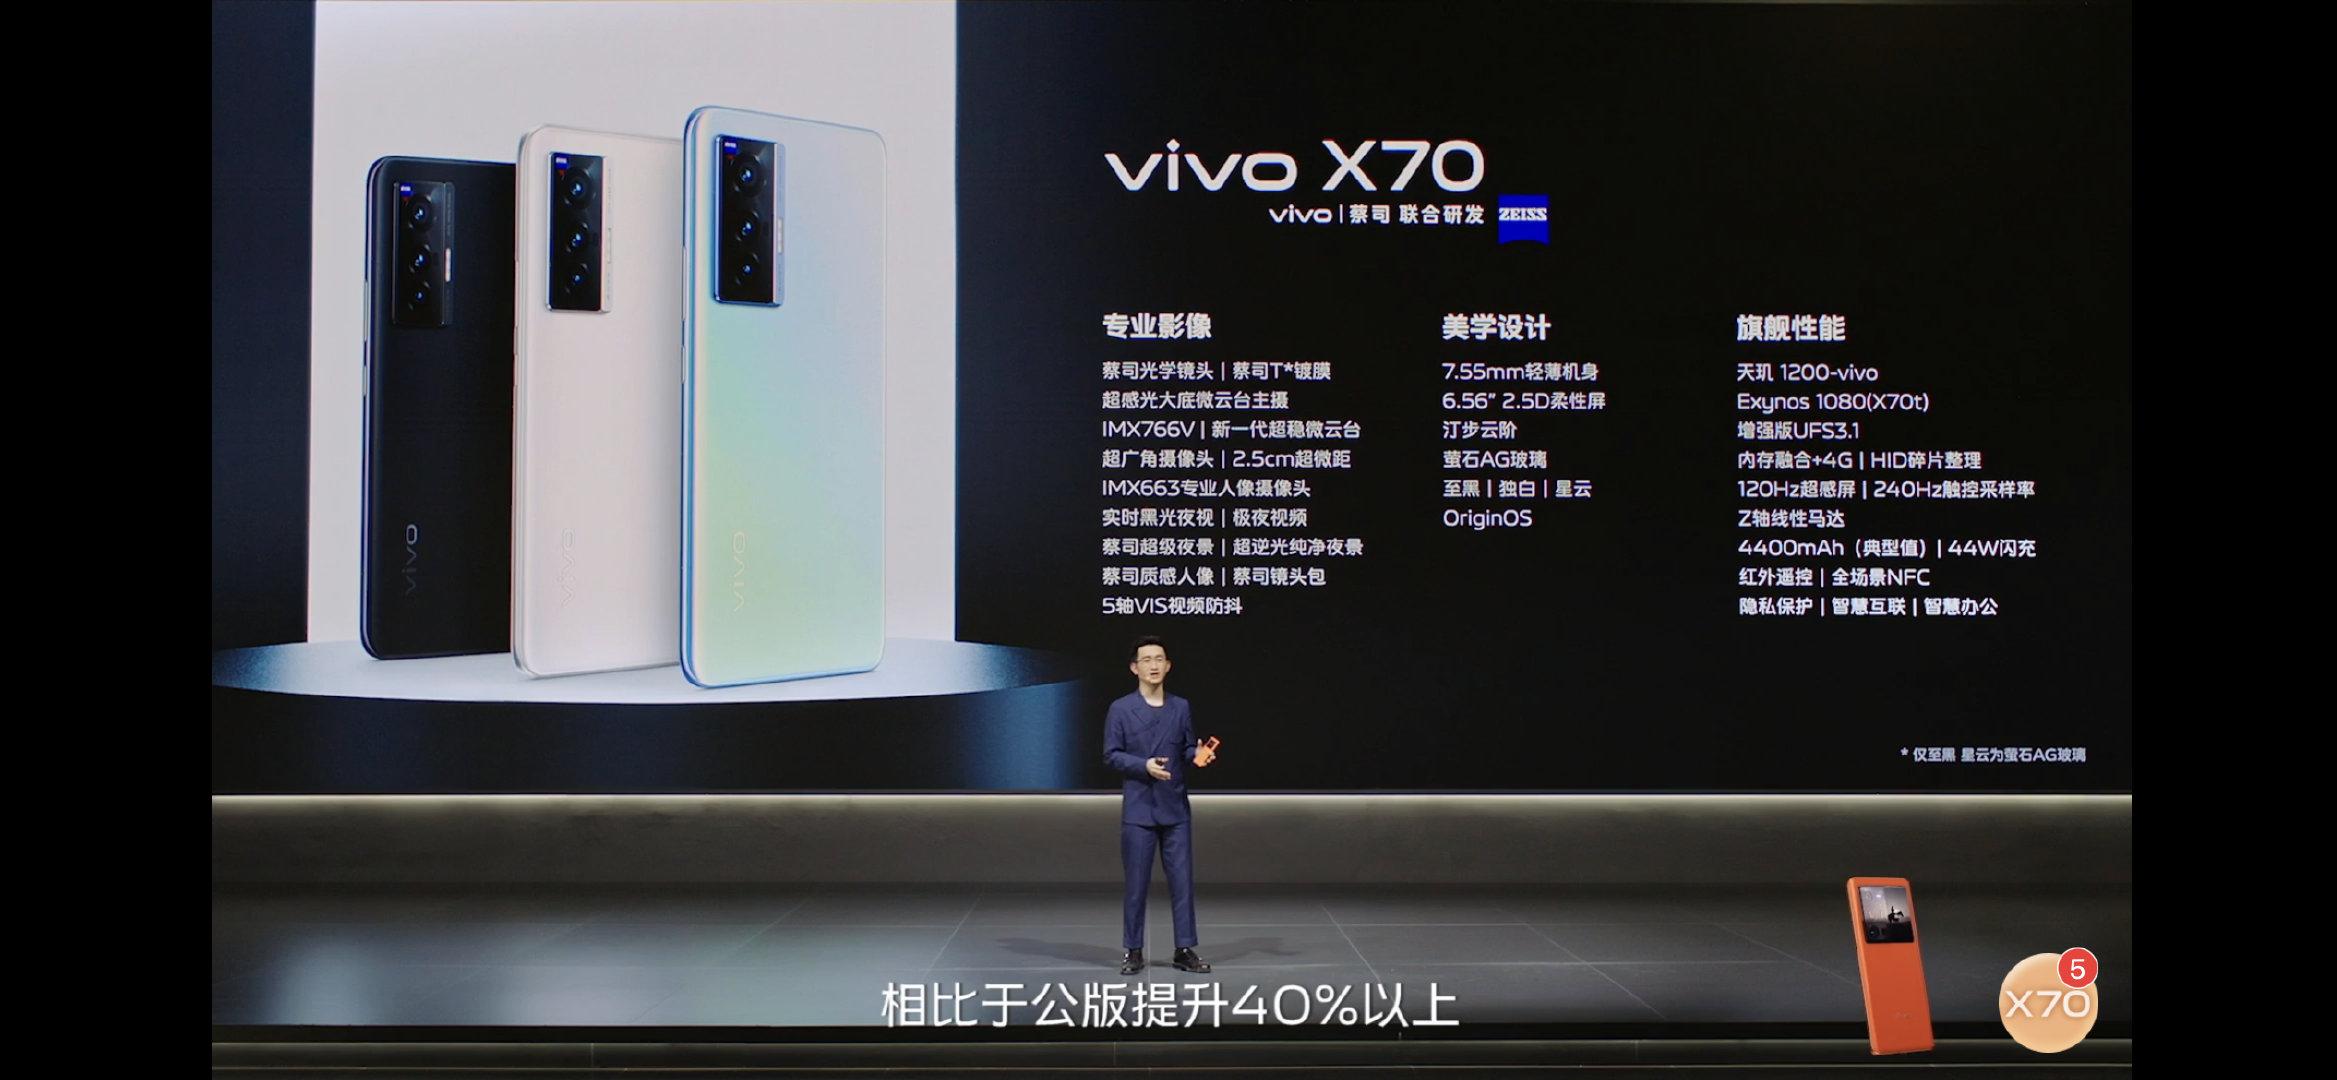 vivo X70核心配置:独占天玑1200定制版